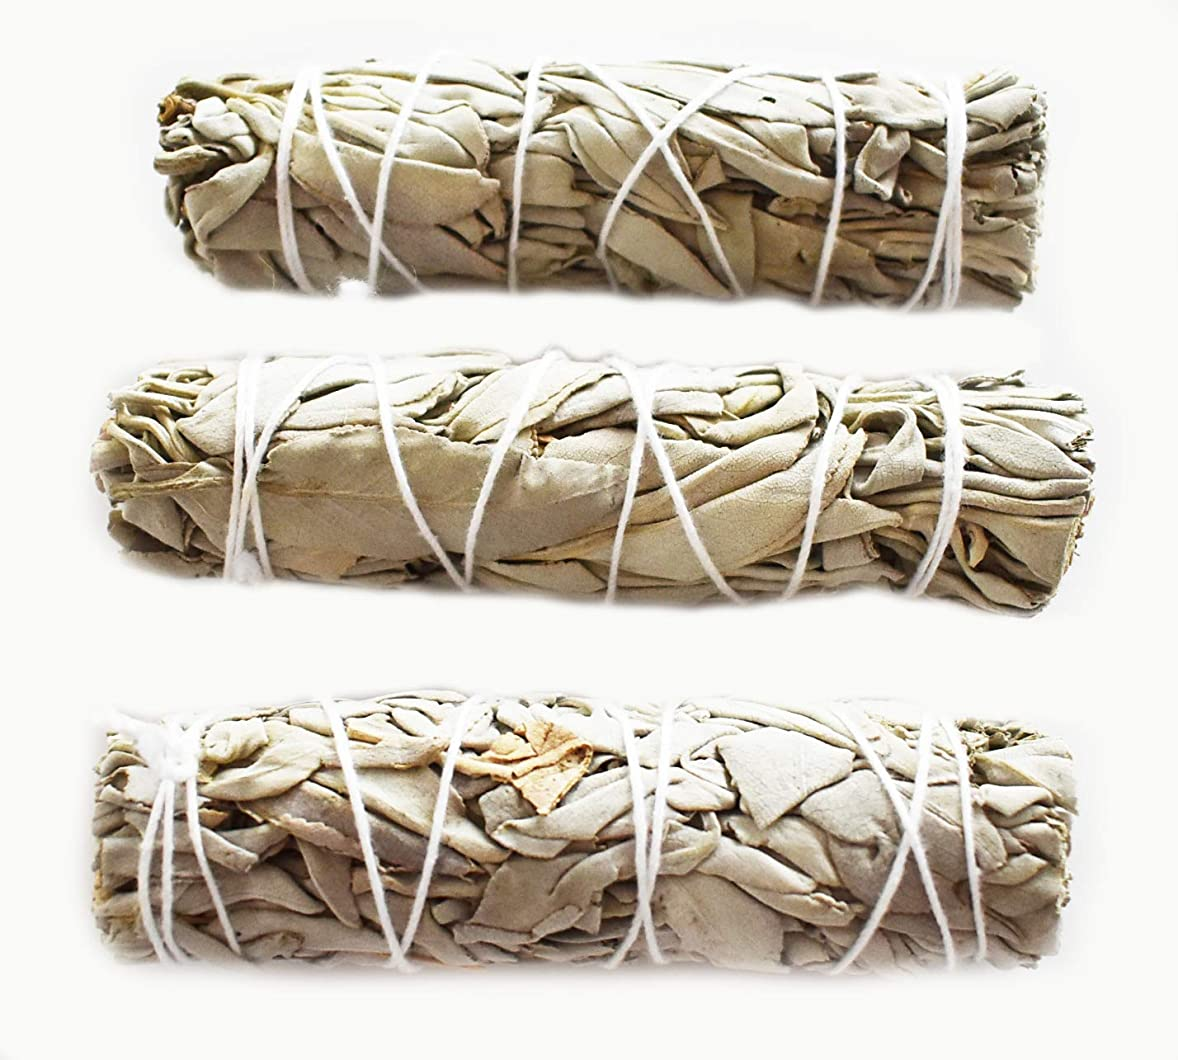 真珠のような外国人虎3つのセット( 3?)ホワイトセージMini Sticks for Smudging Ceremony正エネルギー& Purification